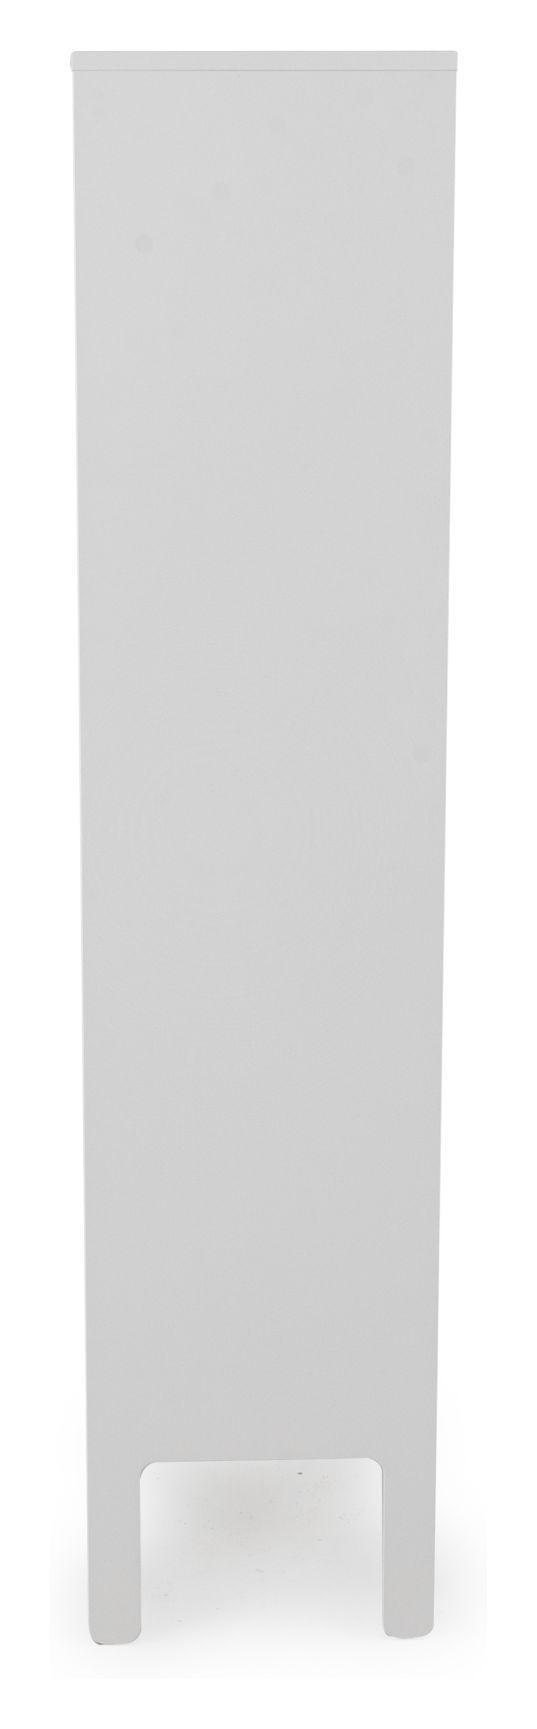 TENZO - Uno Højskænk, Hvid